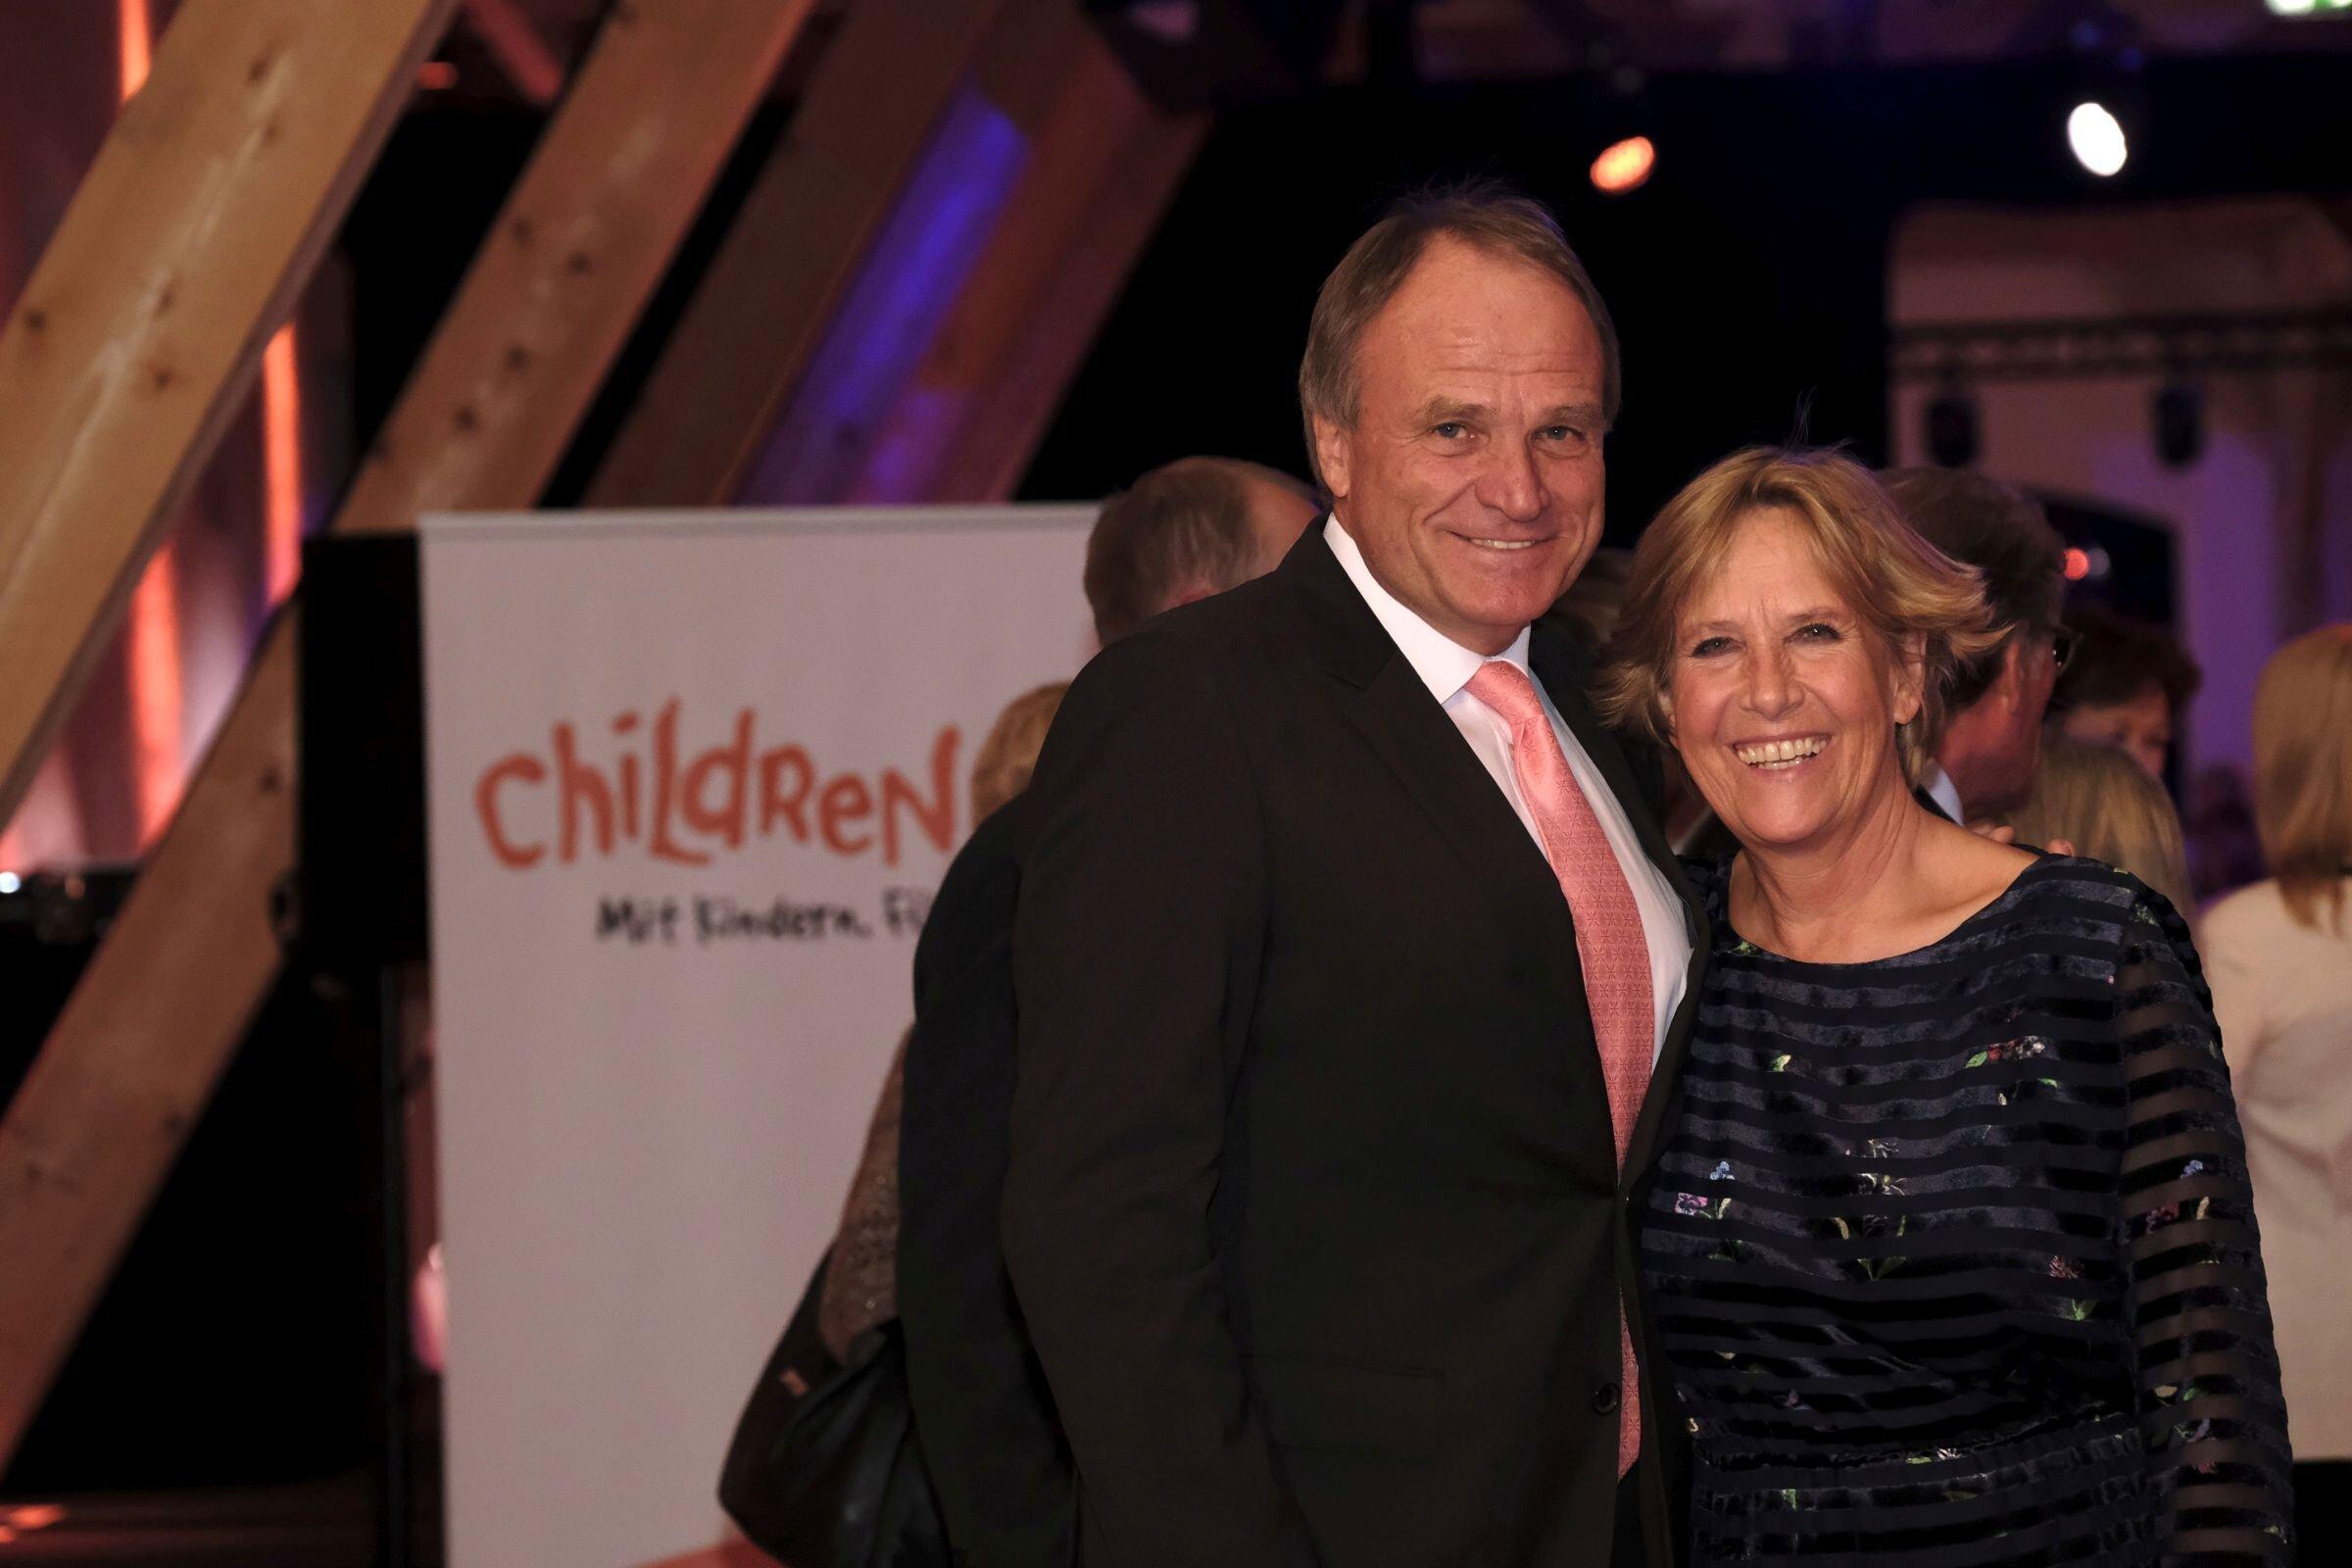 Thomas Hübner (Präsident des Tegernseer Golf-Clubs Bad Wiessee), Gabriele Quandt (Vorstandsvorsitzende Children for a better World)